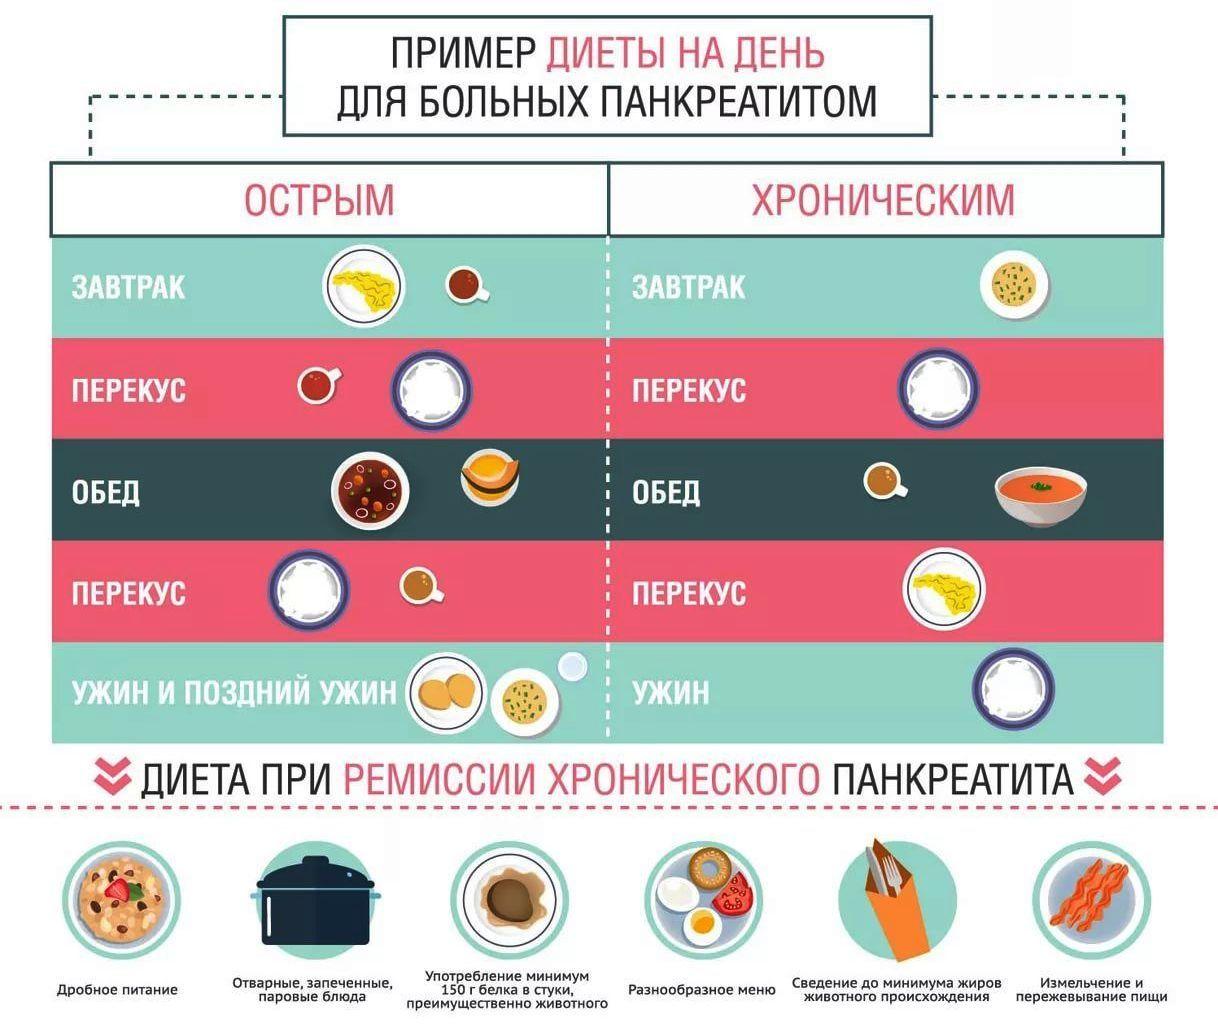 Омлет при панкреатите: польза и опасность употребления, на каких стадиях болезни можно есть и как правильно приготовить